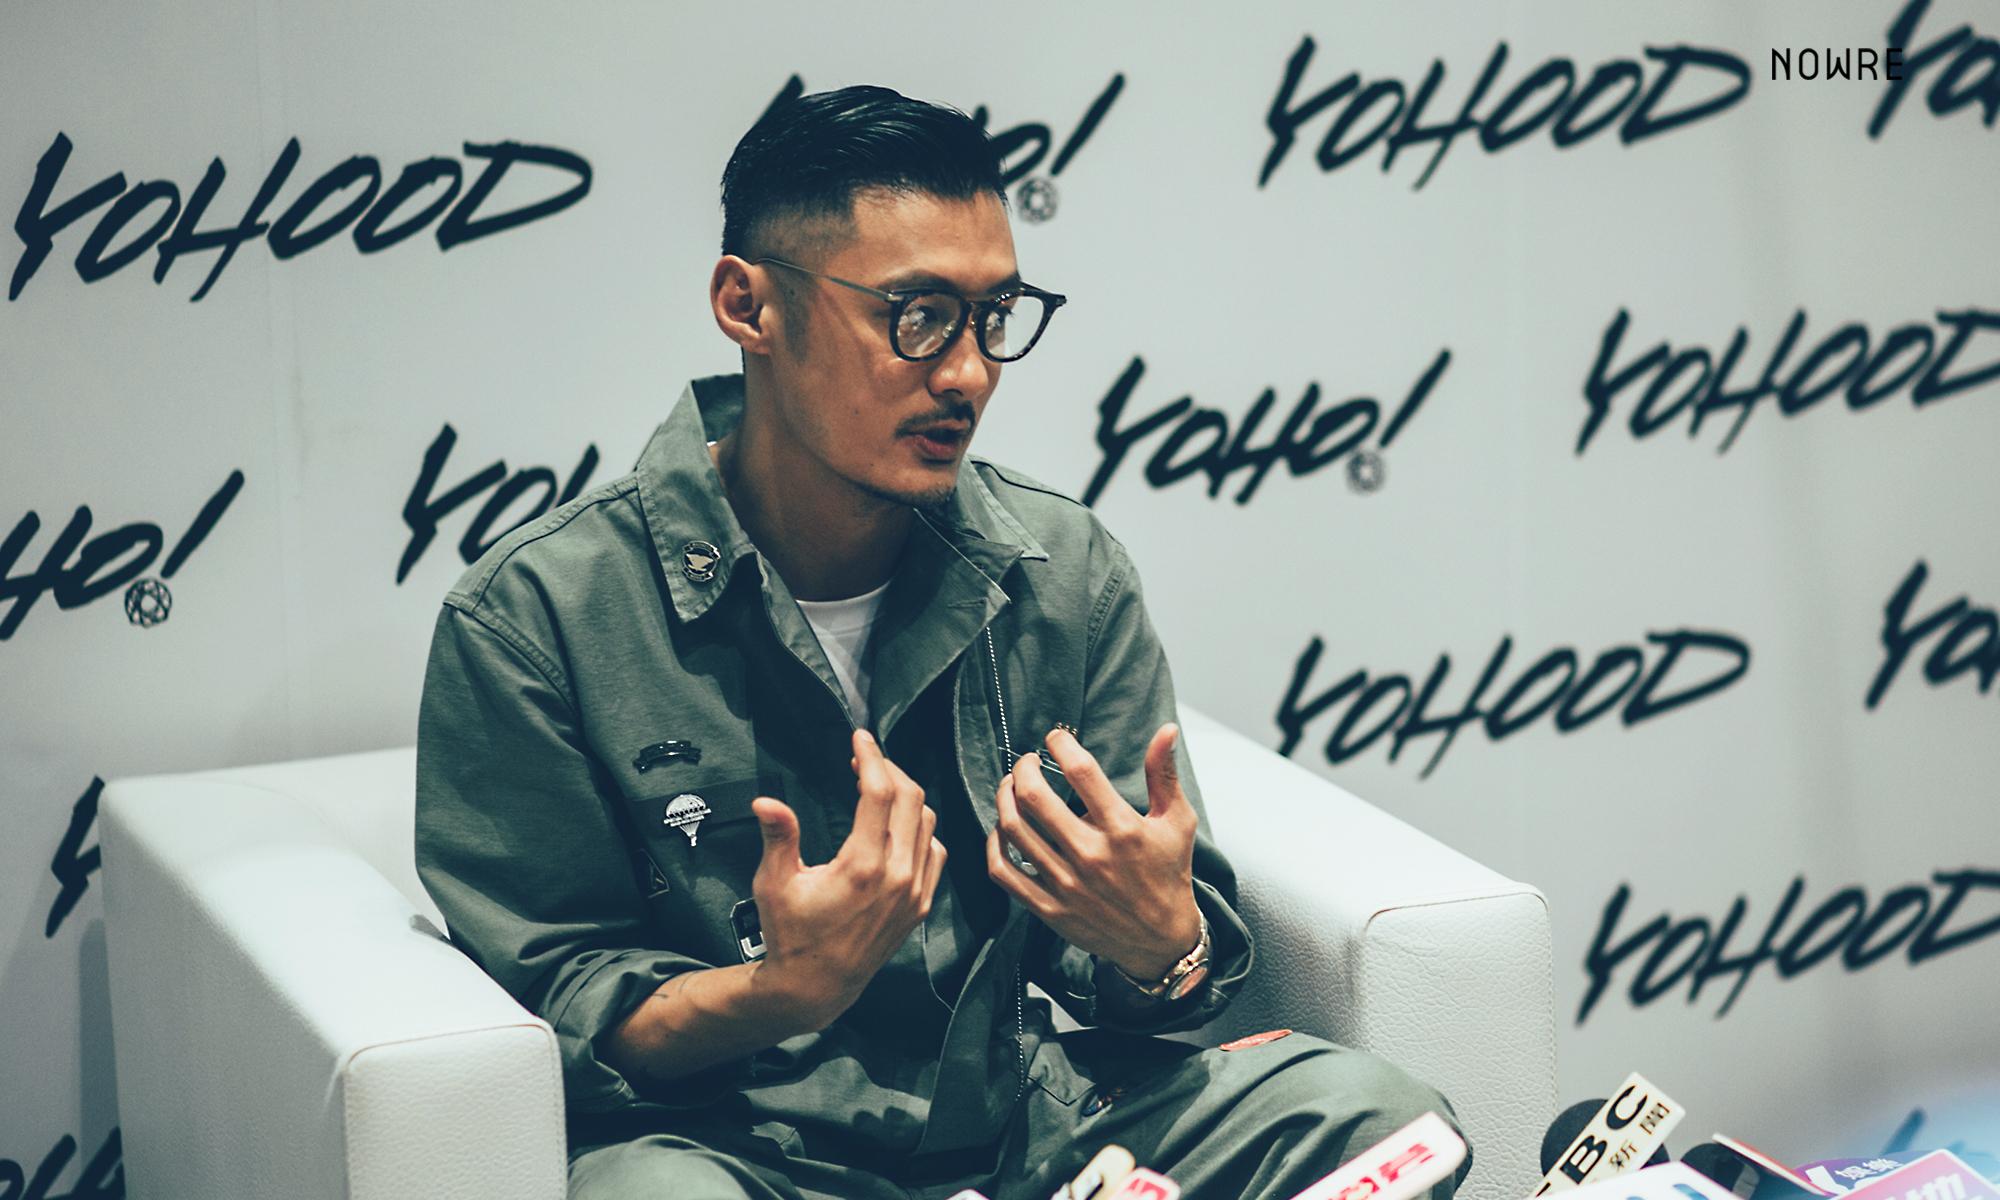 YOHOOD 2017 首日回顾,明星、潮流、时尚都在这了